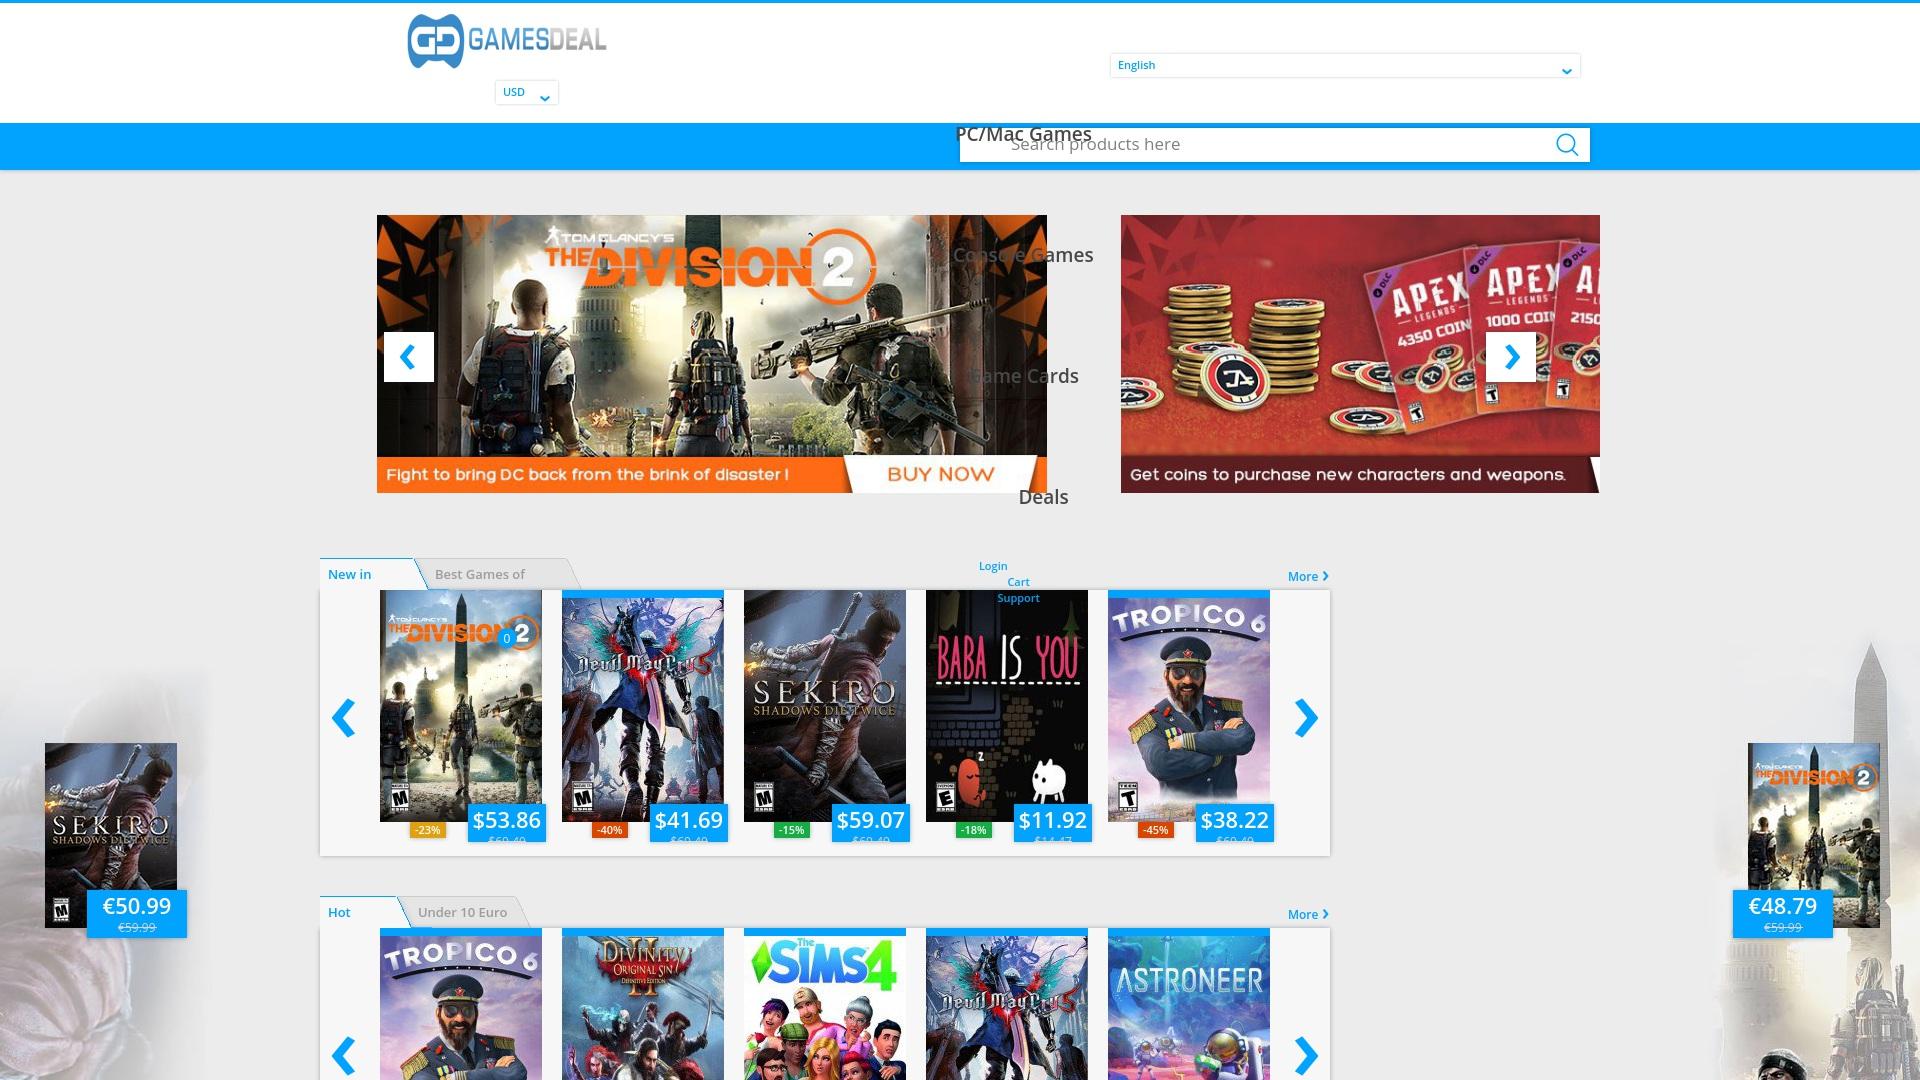 Gutschein für Gamesdeal: Rabatte für  Gamesdeal sichern